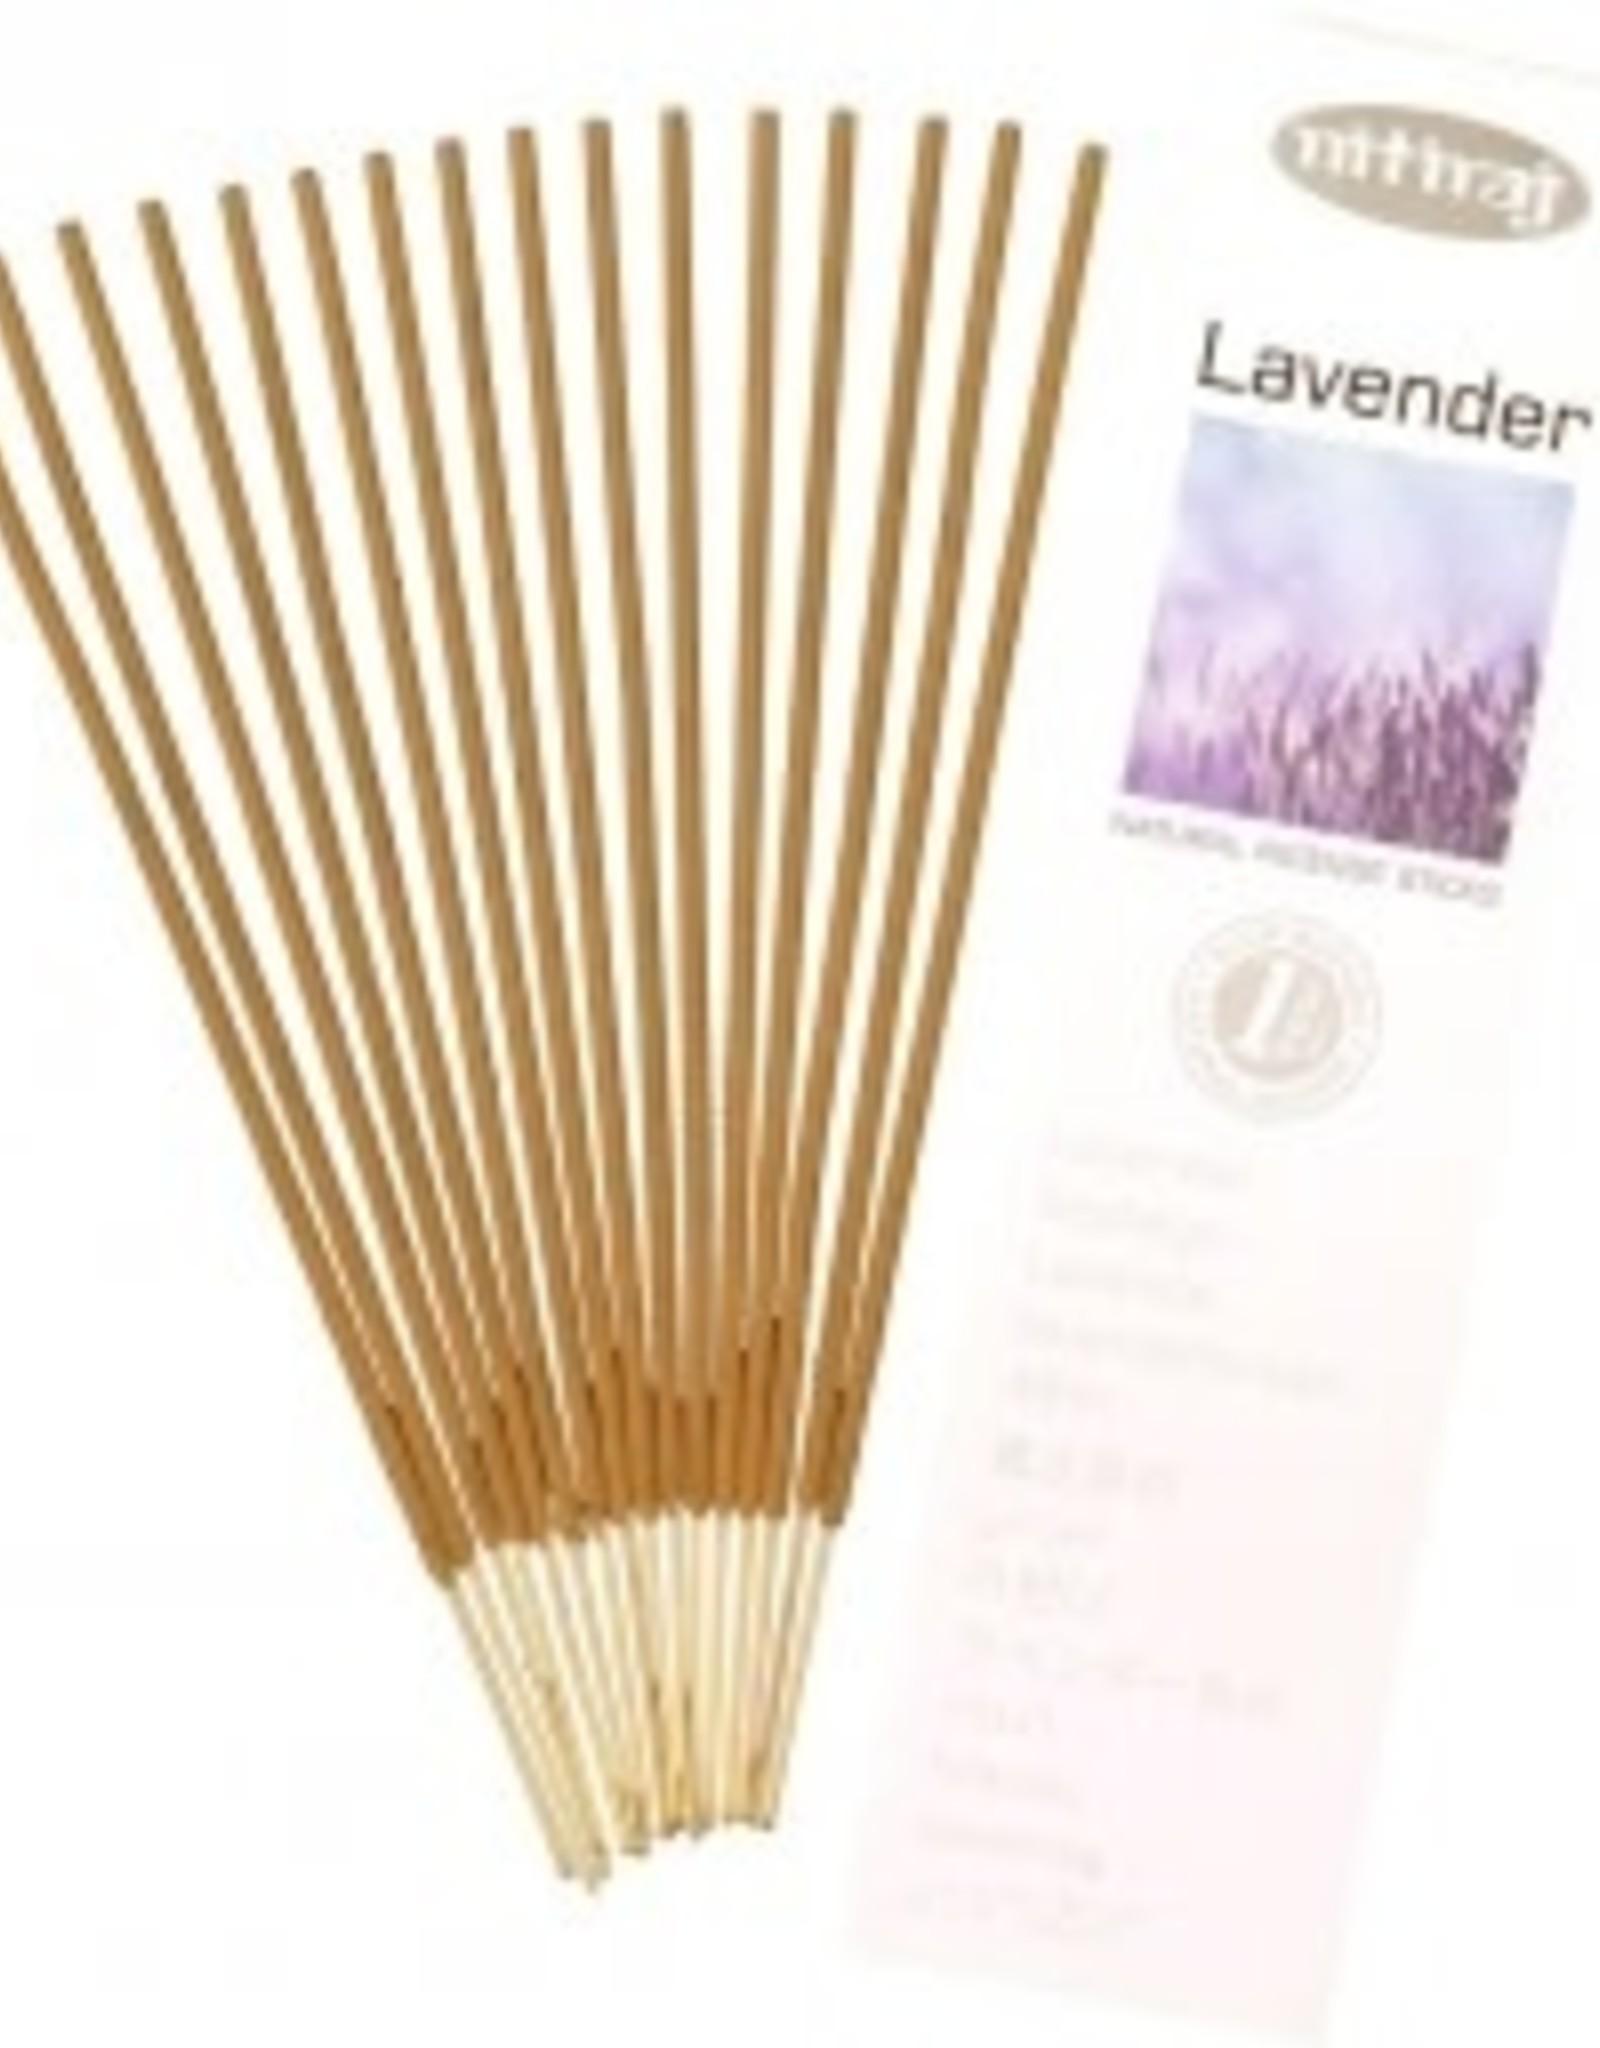 Incense Nitiraj 25gm Box Lavender KE